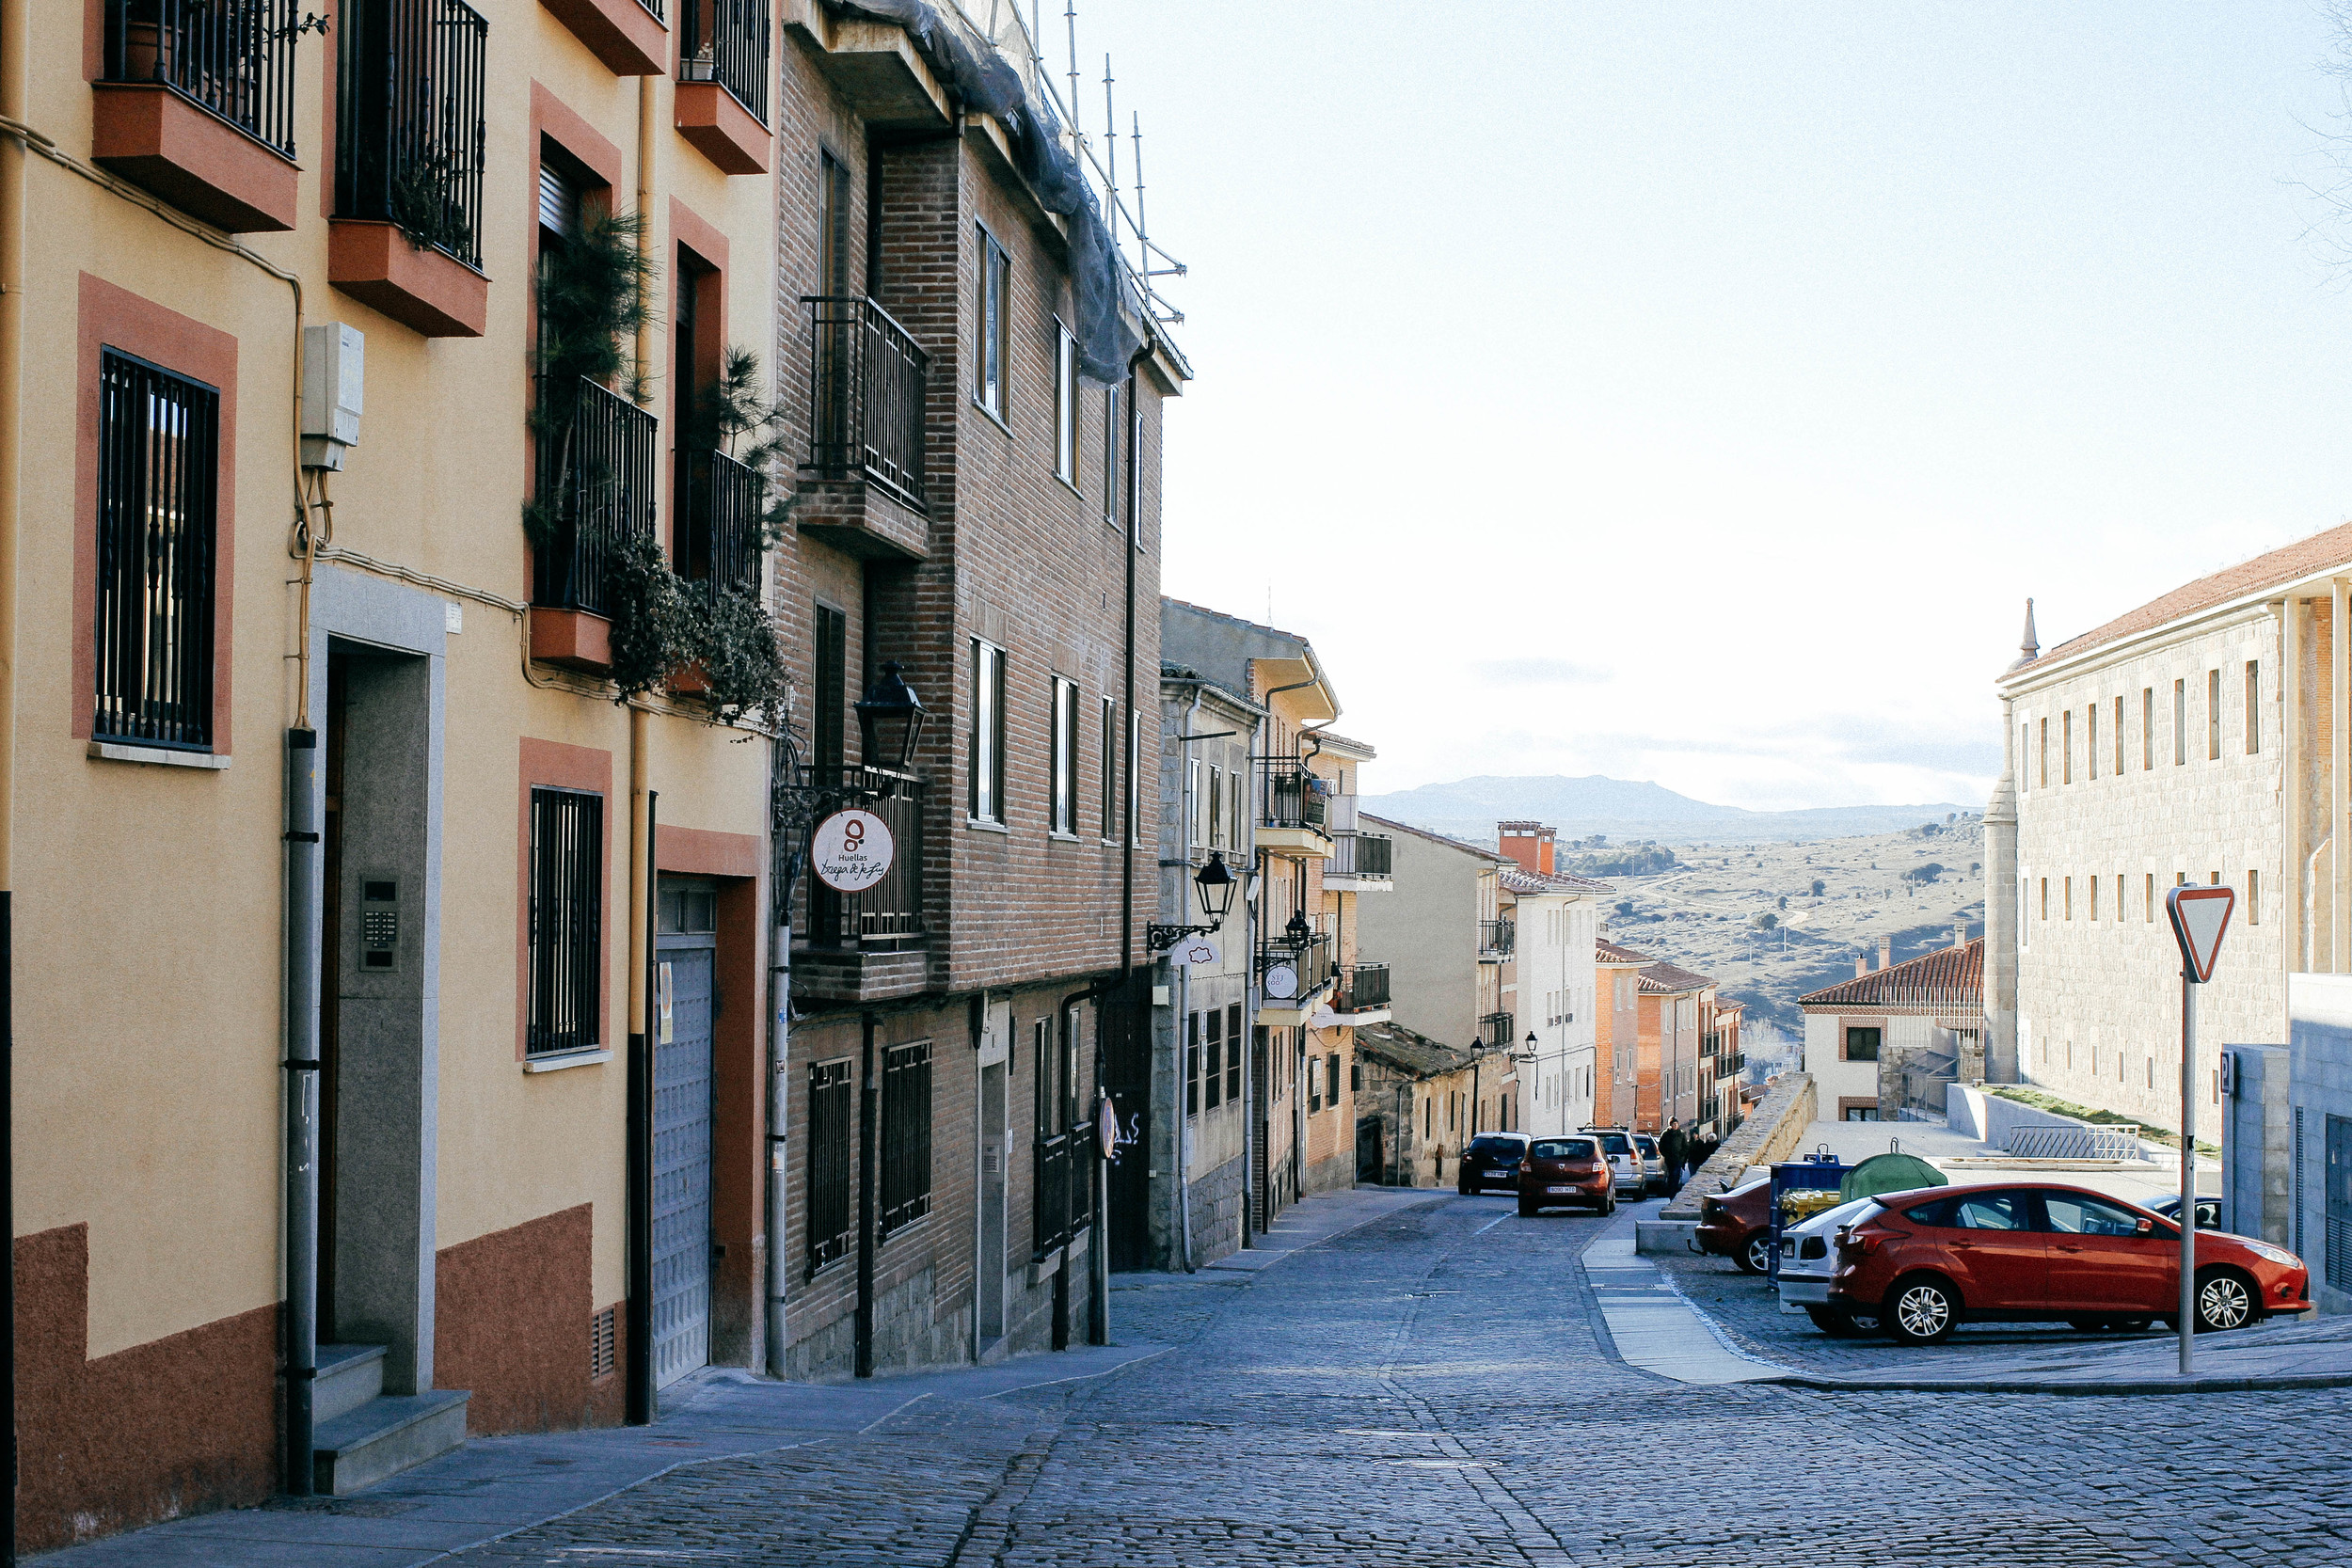 Avila_Spain-95.jpg